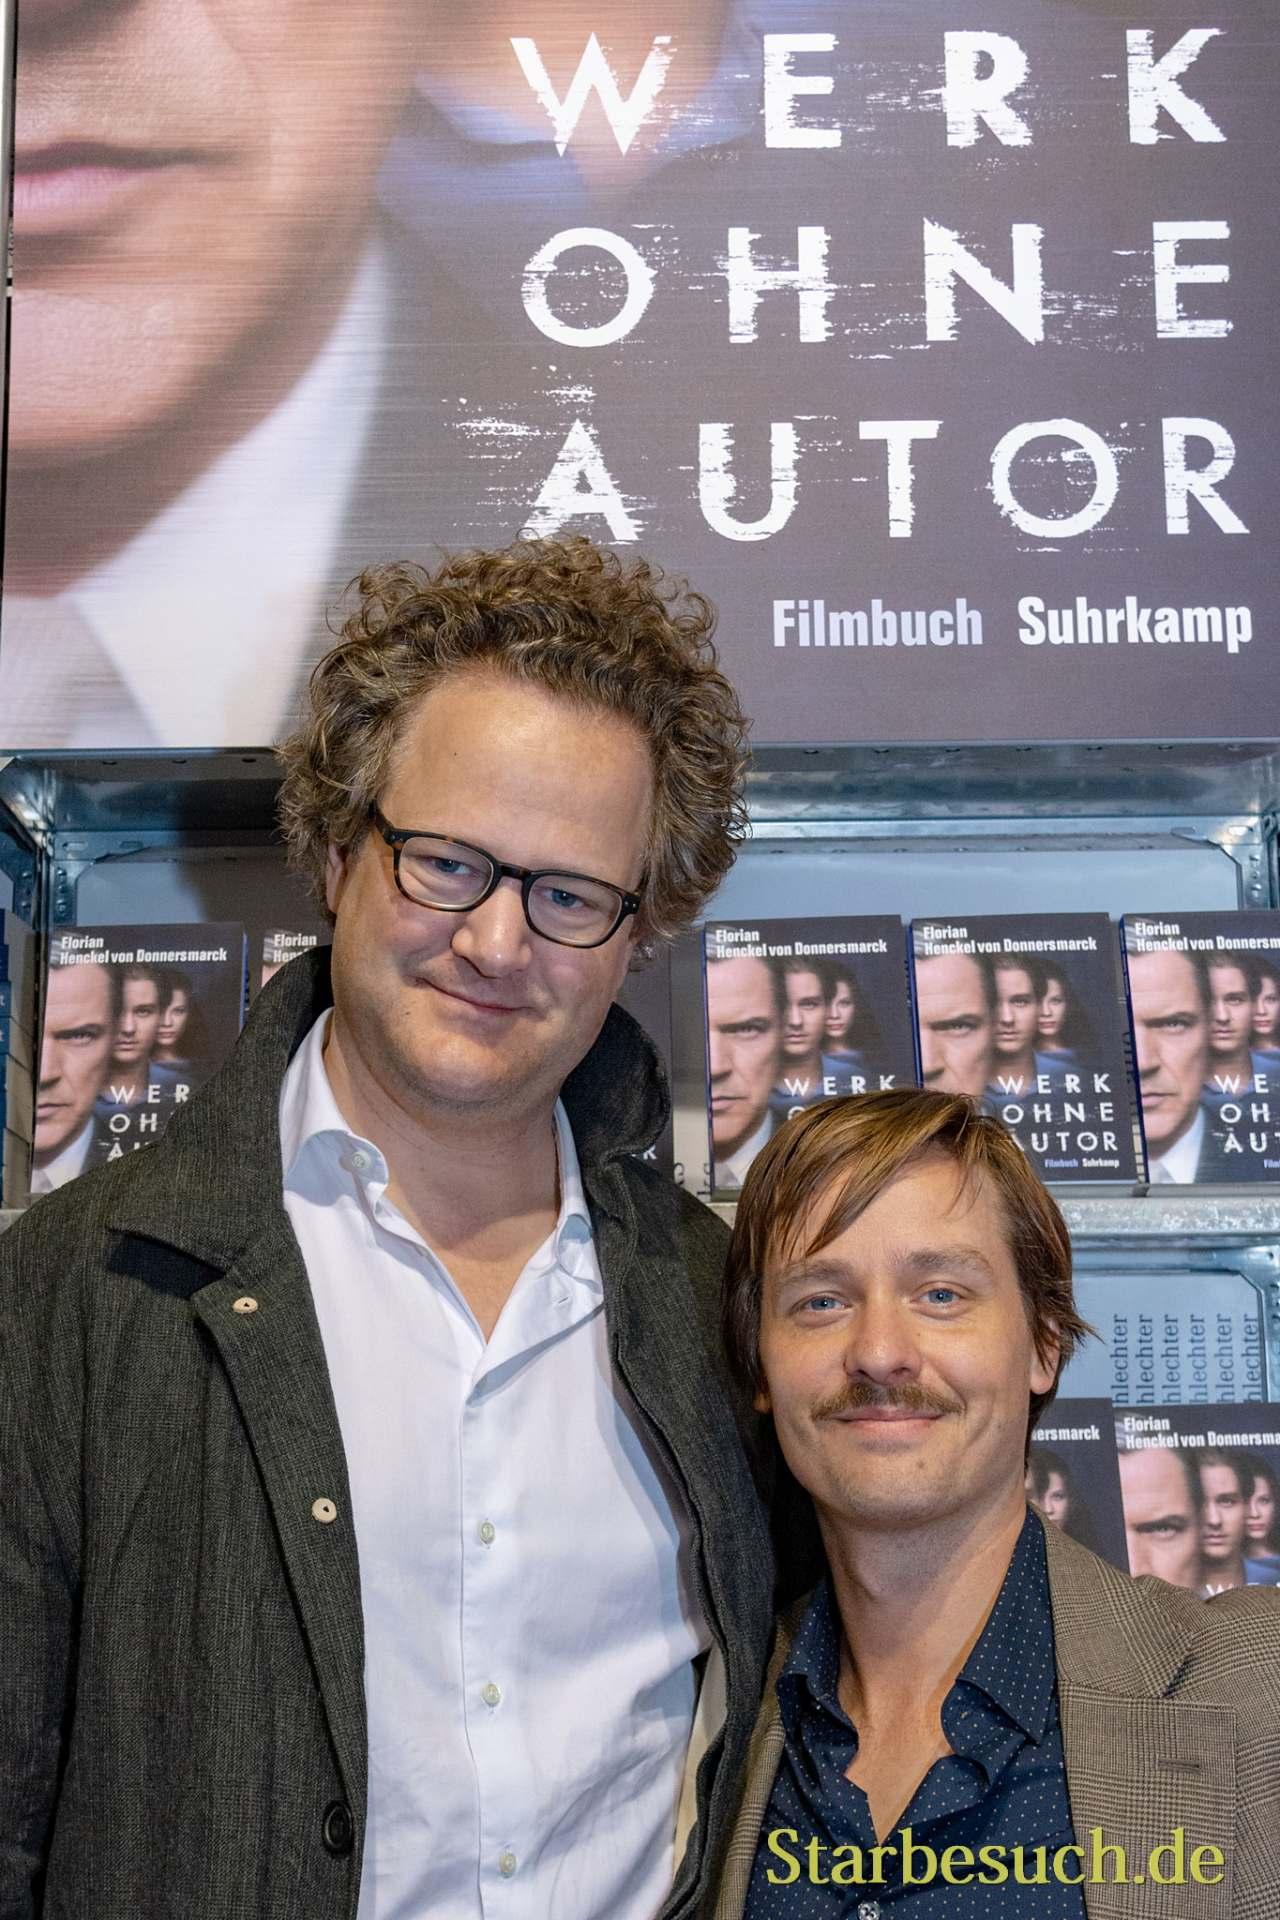 Regisseur Florian Henckel von Donnersmarck und Schauspieler Tom Schilling